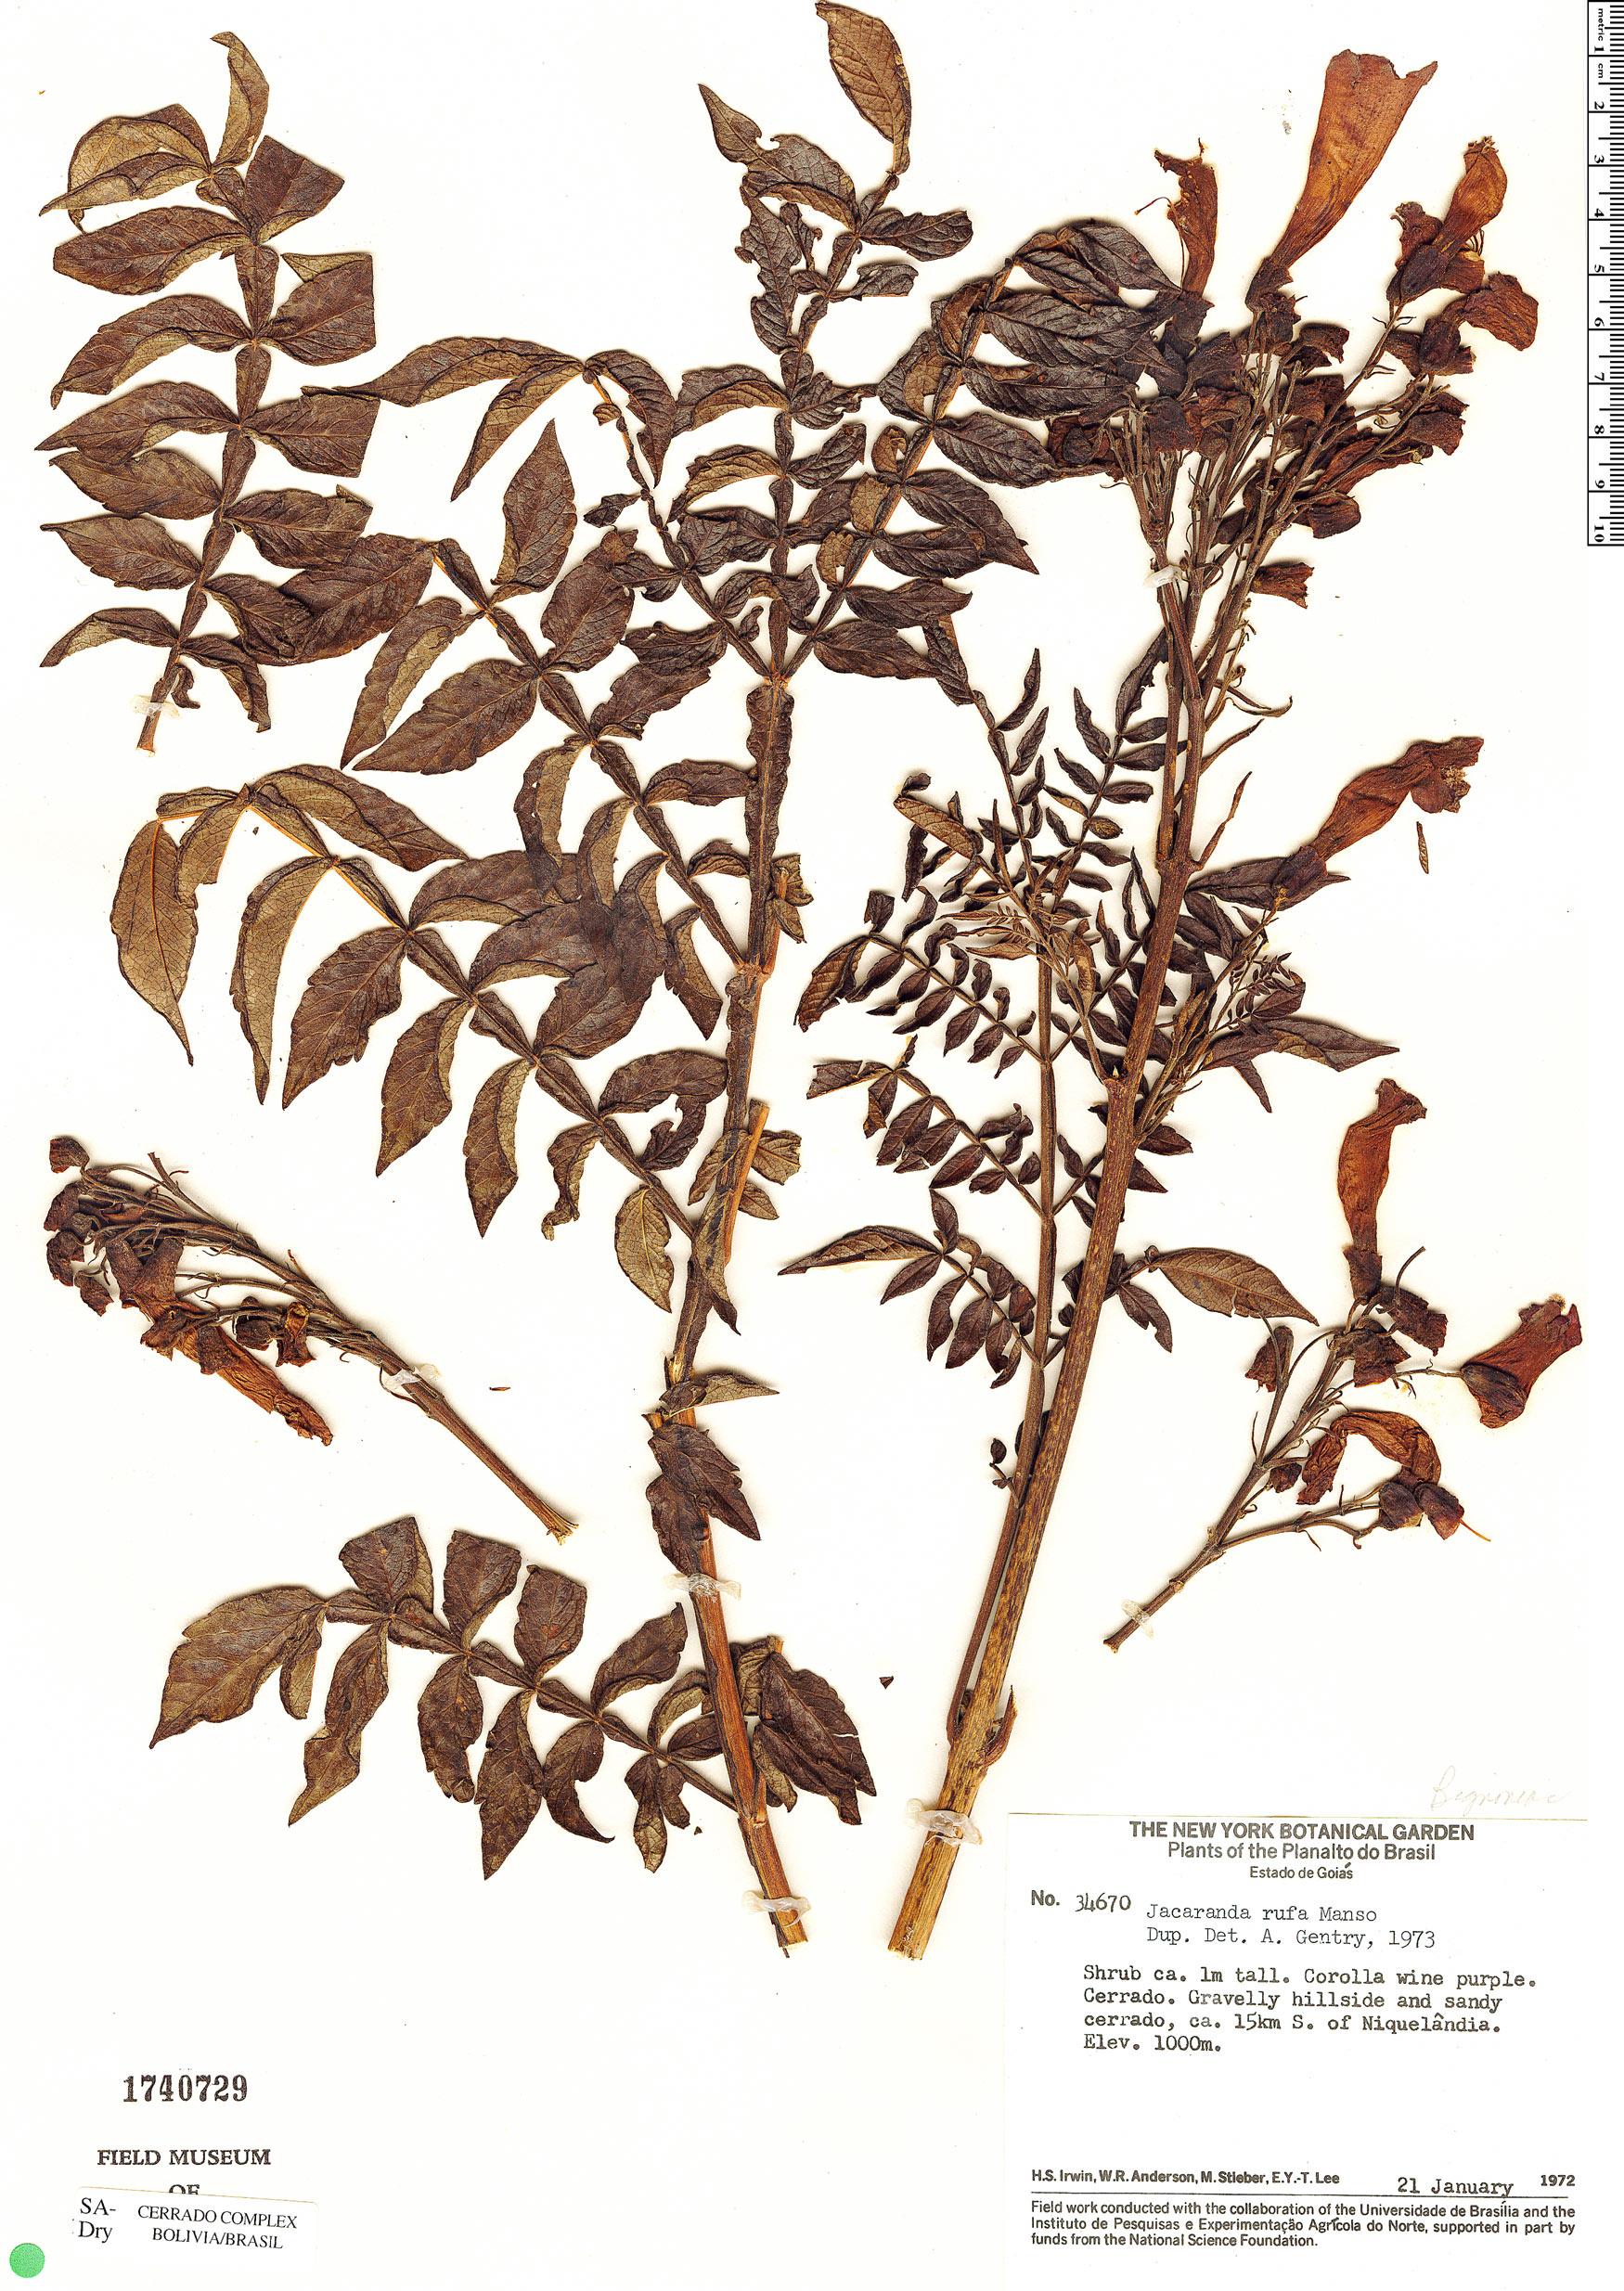 Specimen: Jacaranda rufa